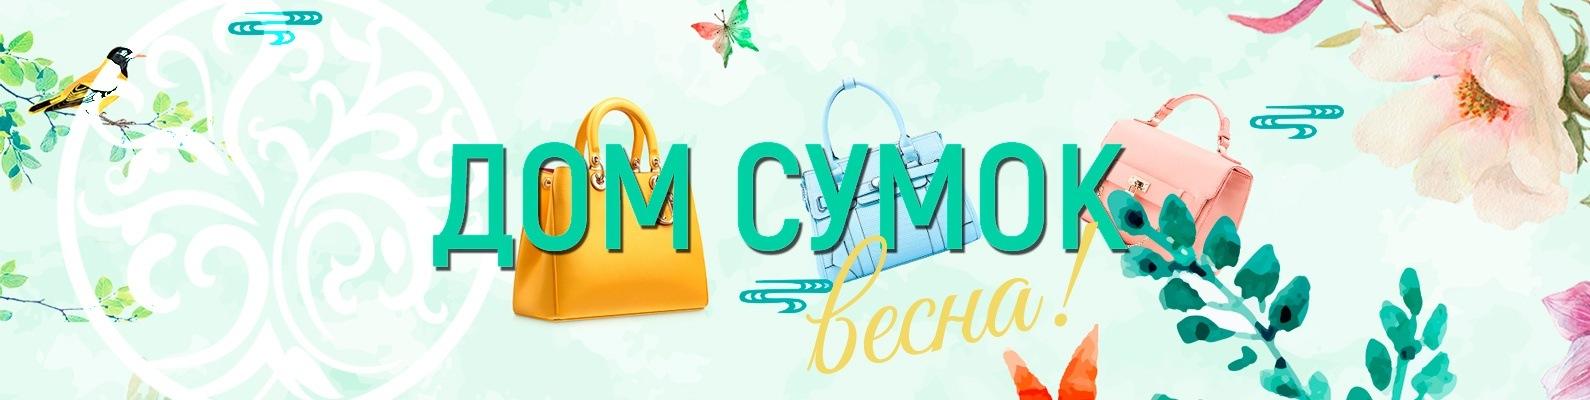 7367a89bd877 Дом Сумок. Сумки и аксессуары из кожи. | ВКонтакте